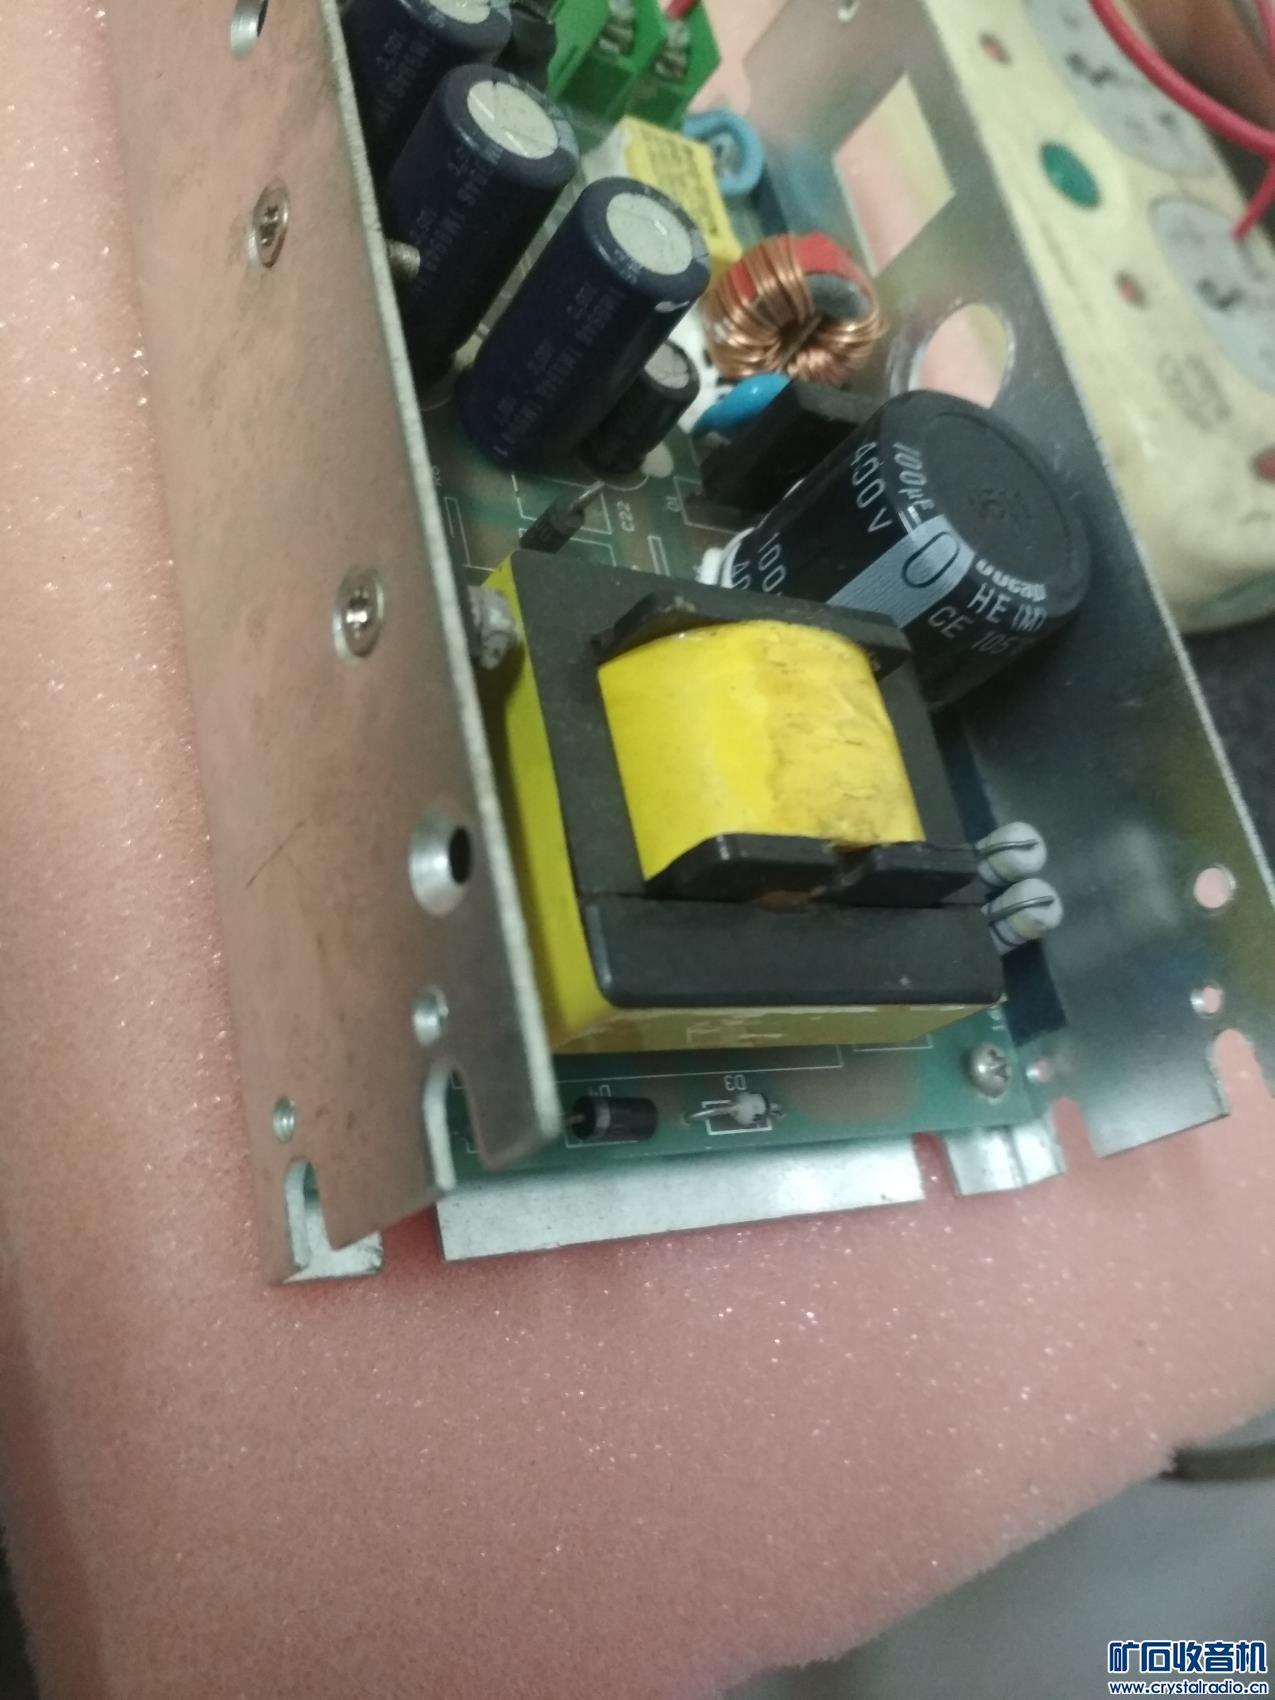 6081号重要装置上的质量上乘220v入110直流出适合电子管前级或小功率电子管后级供电65元 (4).jpg